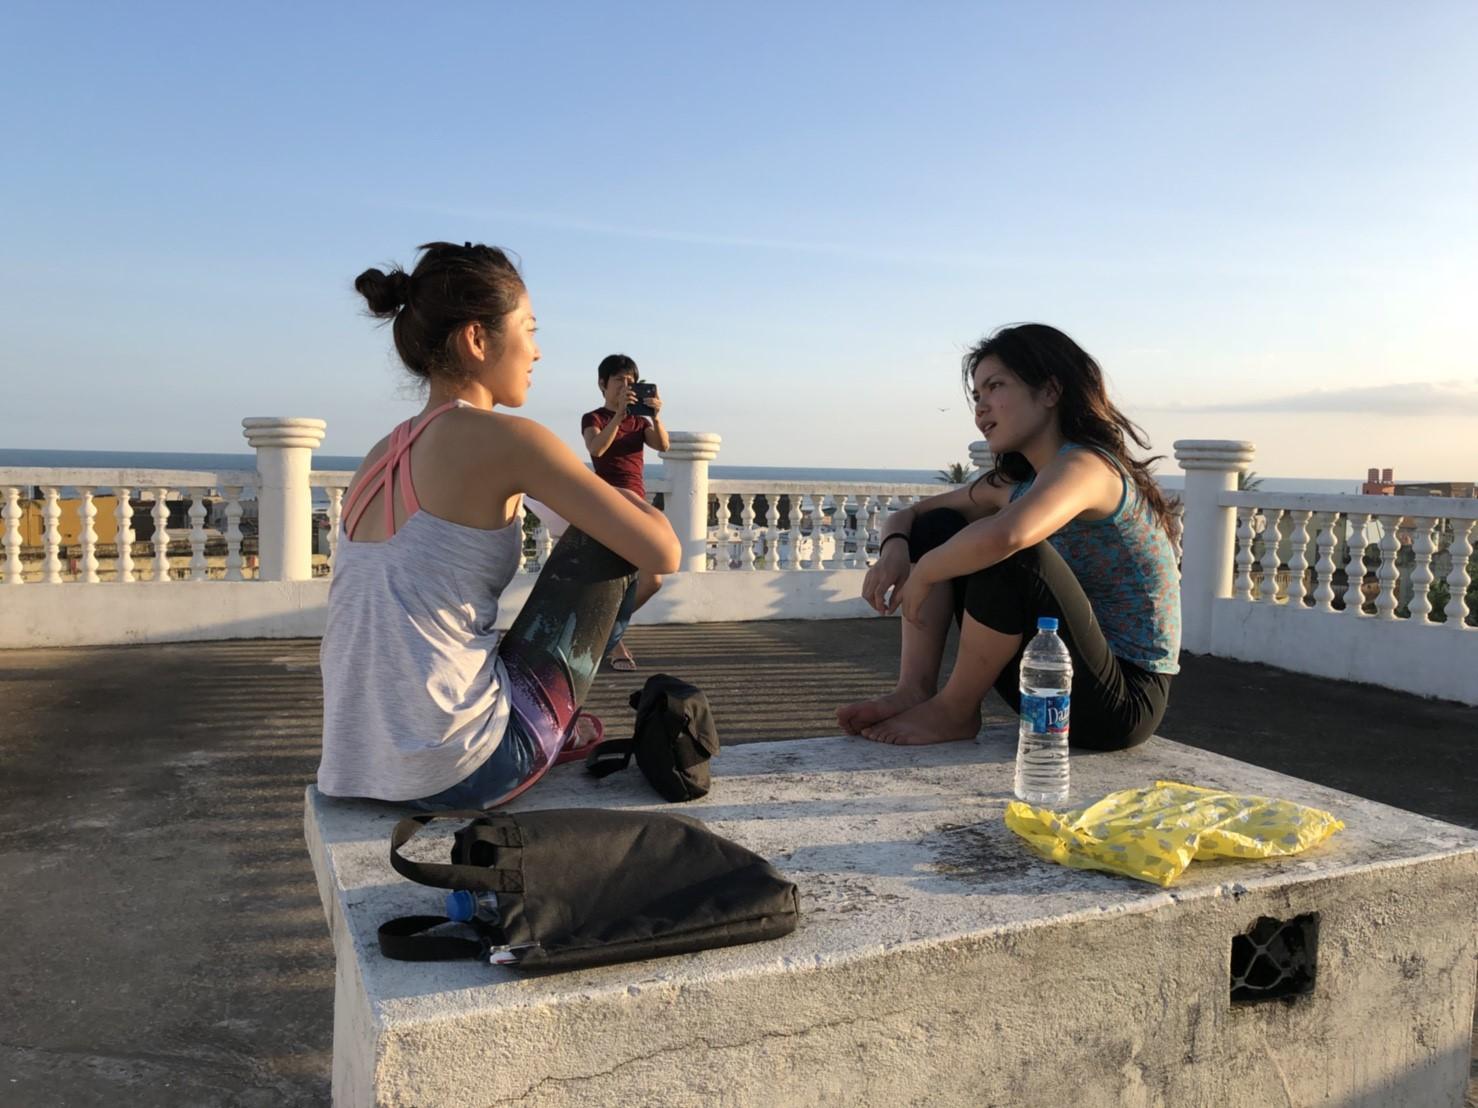 ホテルの屋上で参加者と話すマリアちゃん